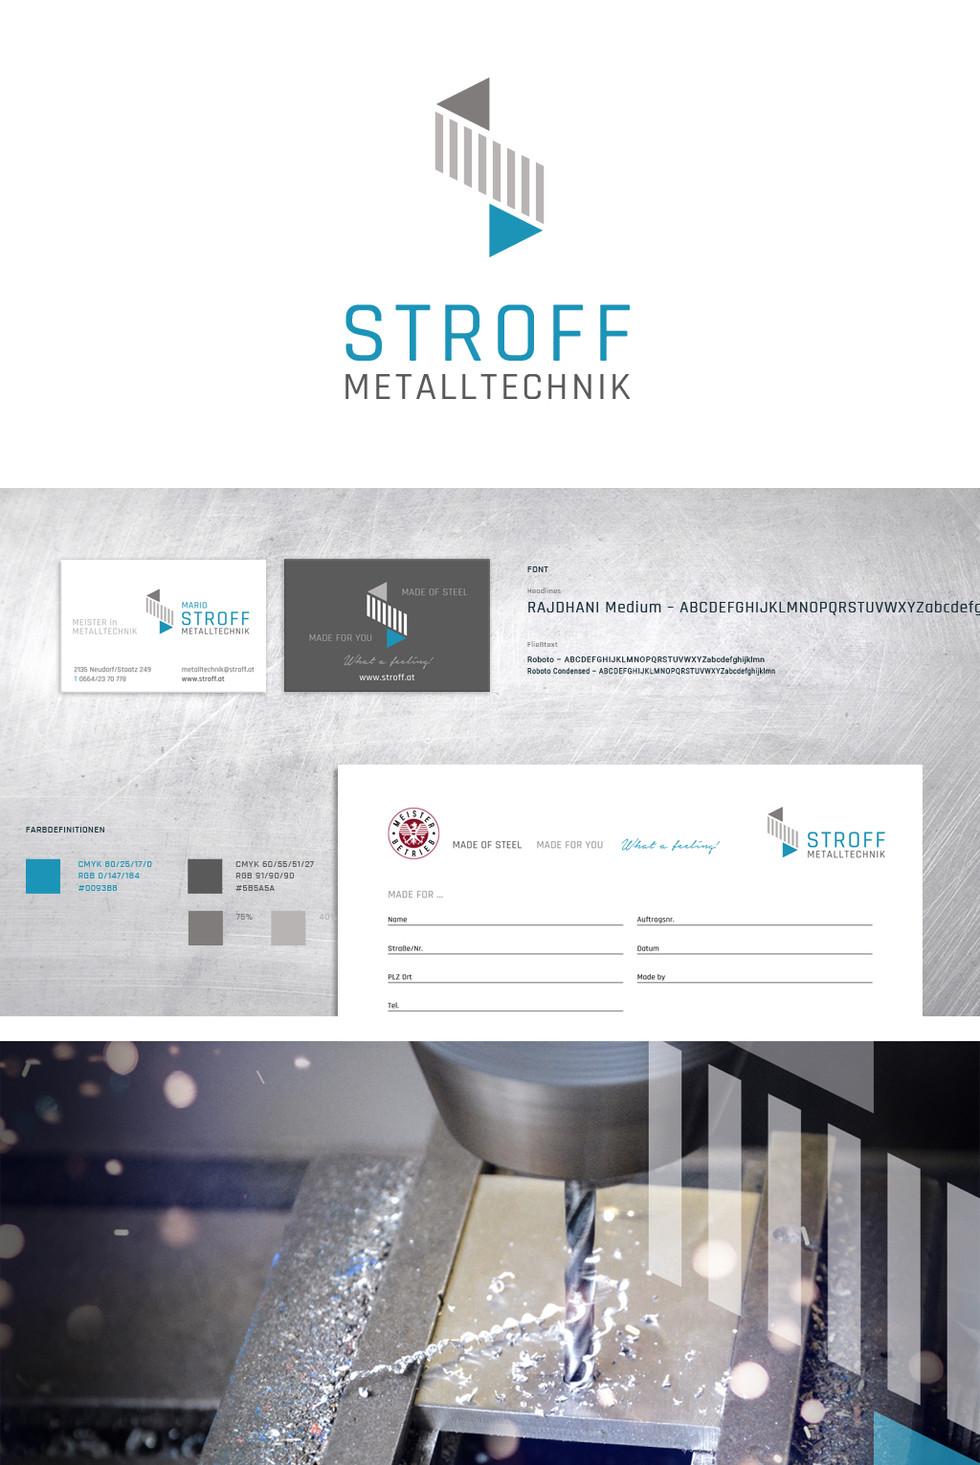 stroff_web01.jpg